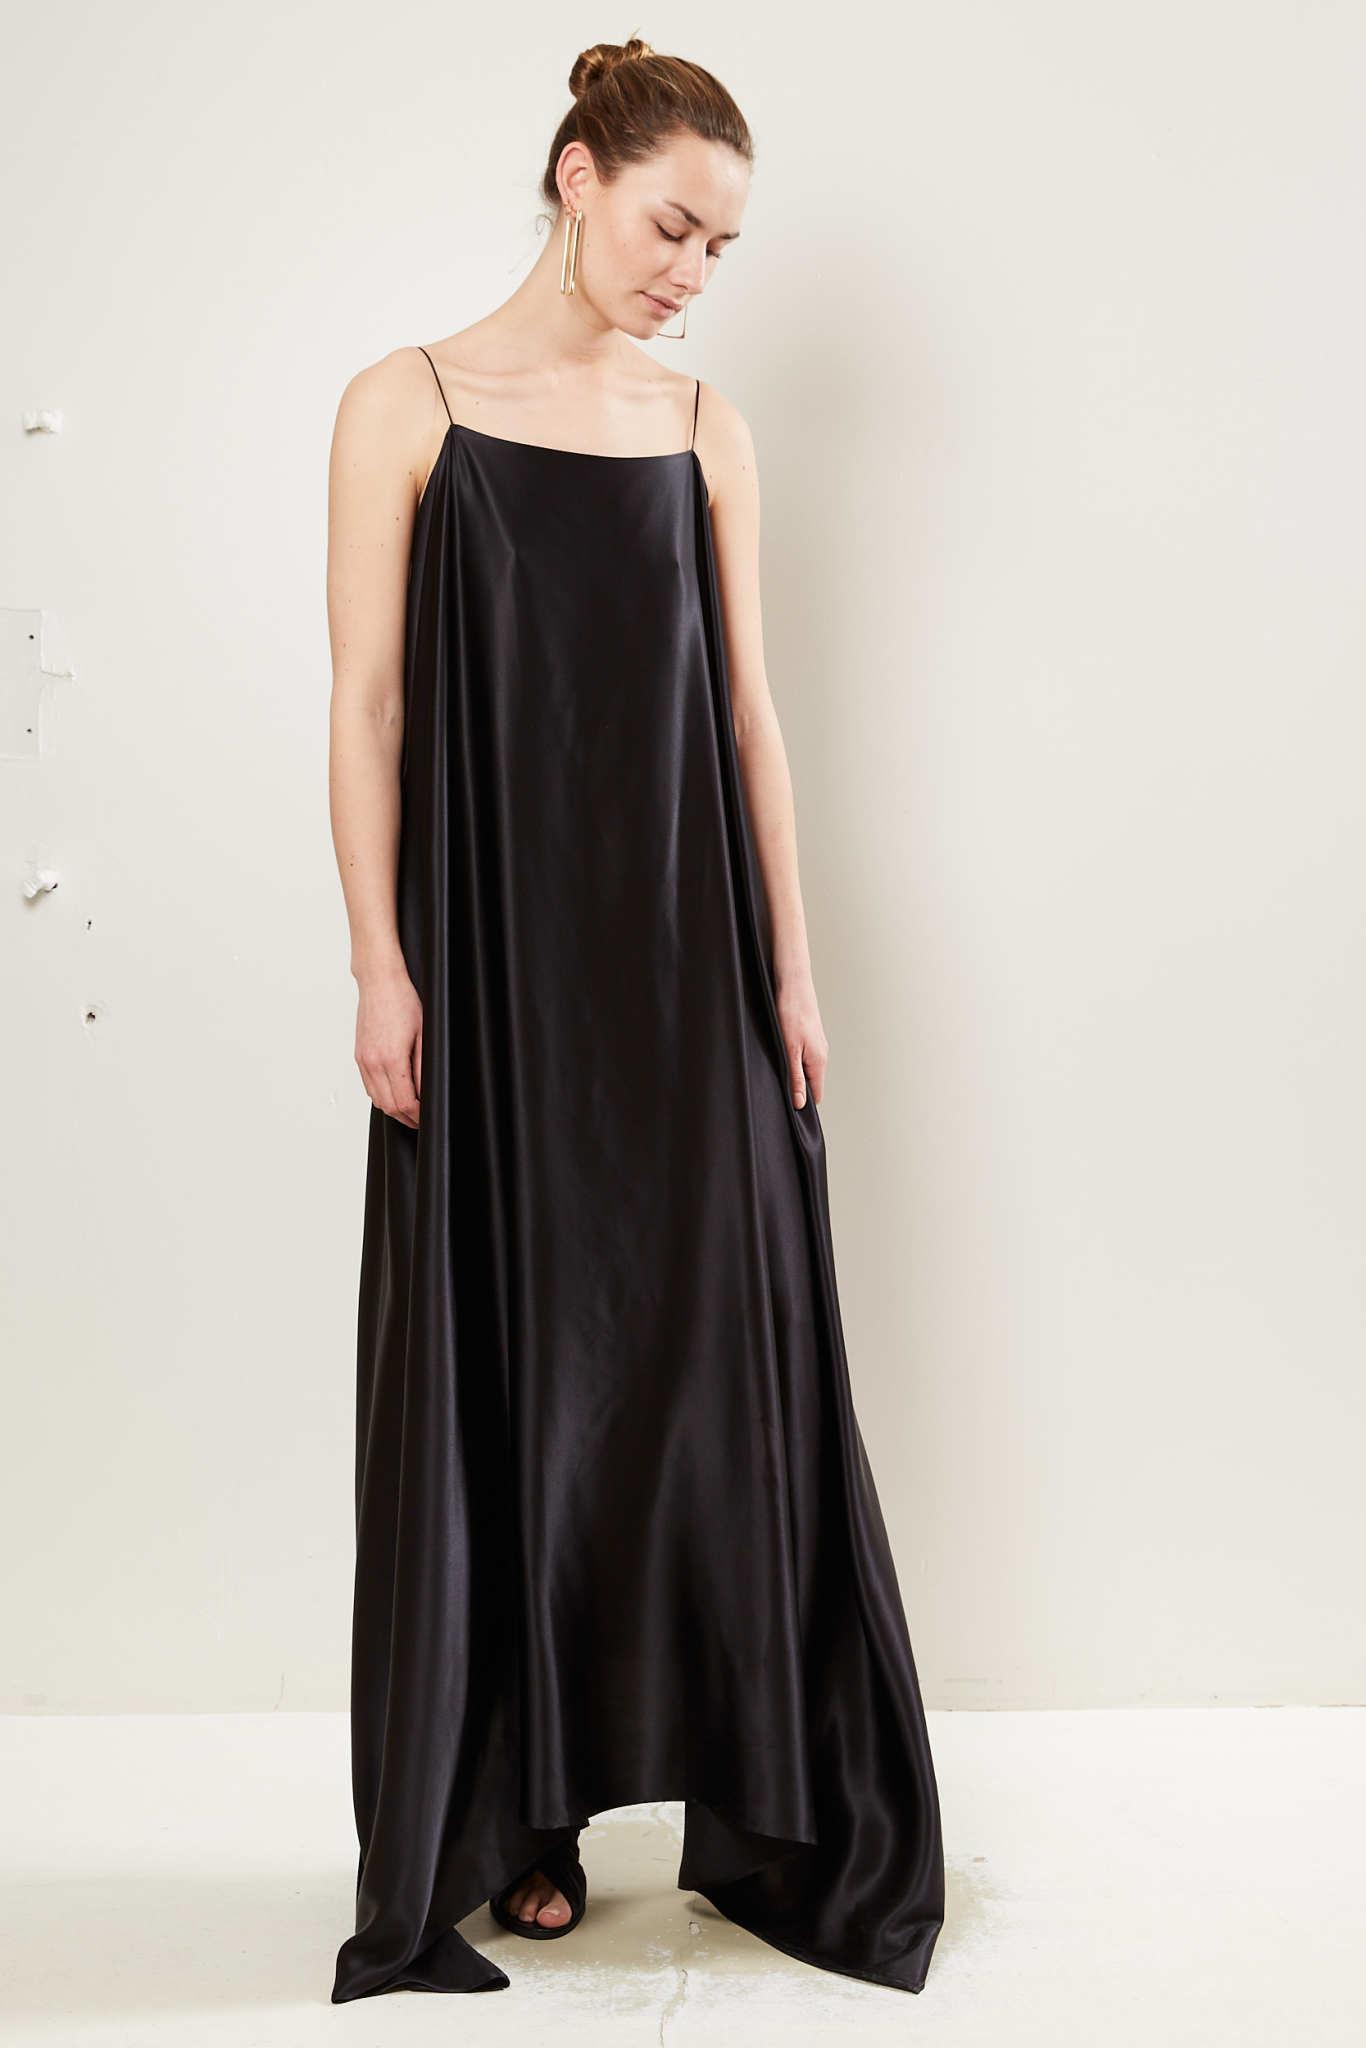 Bernadette - Meredith silk dress